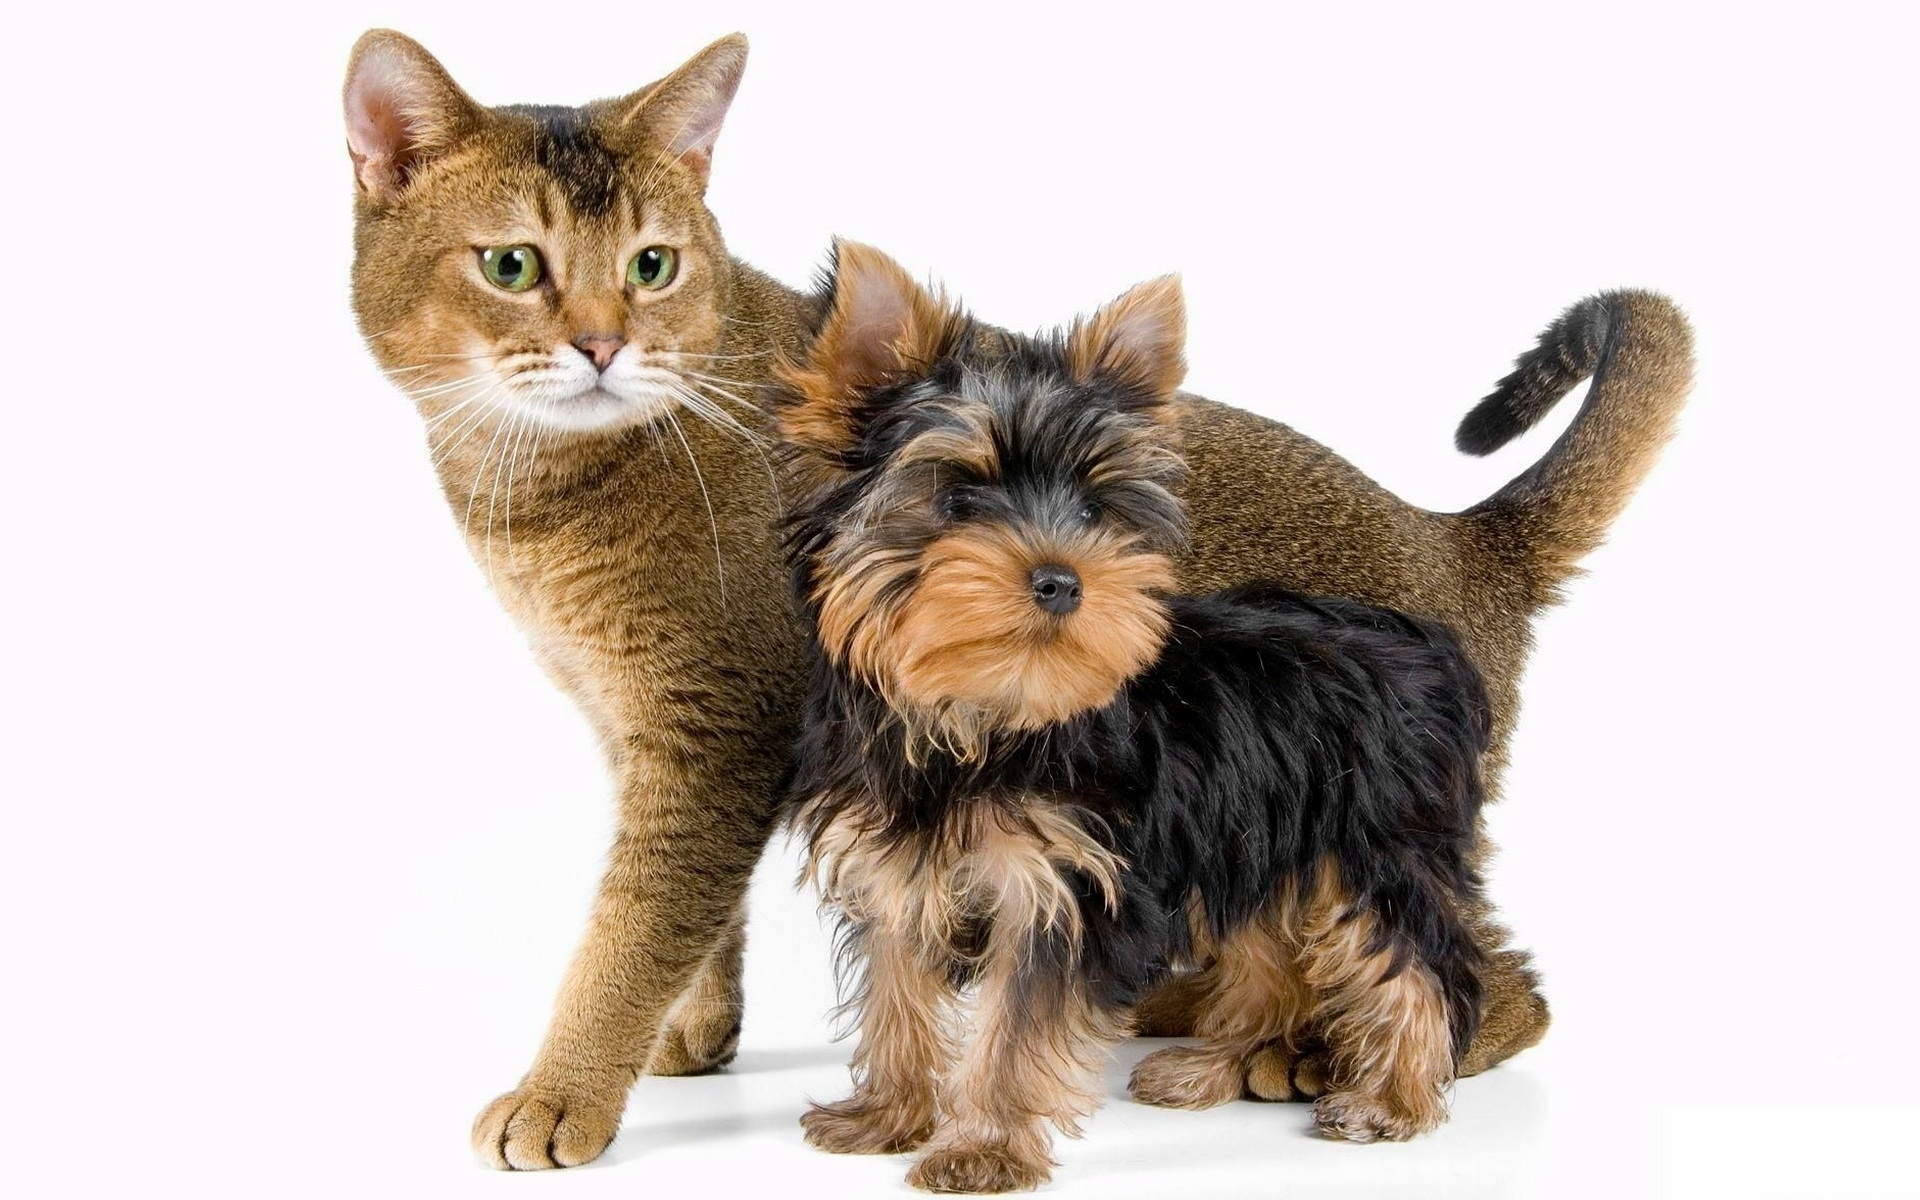 Собака и кот 1920 x 1200